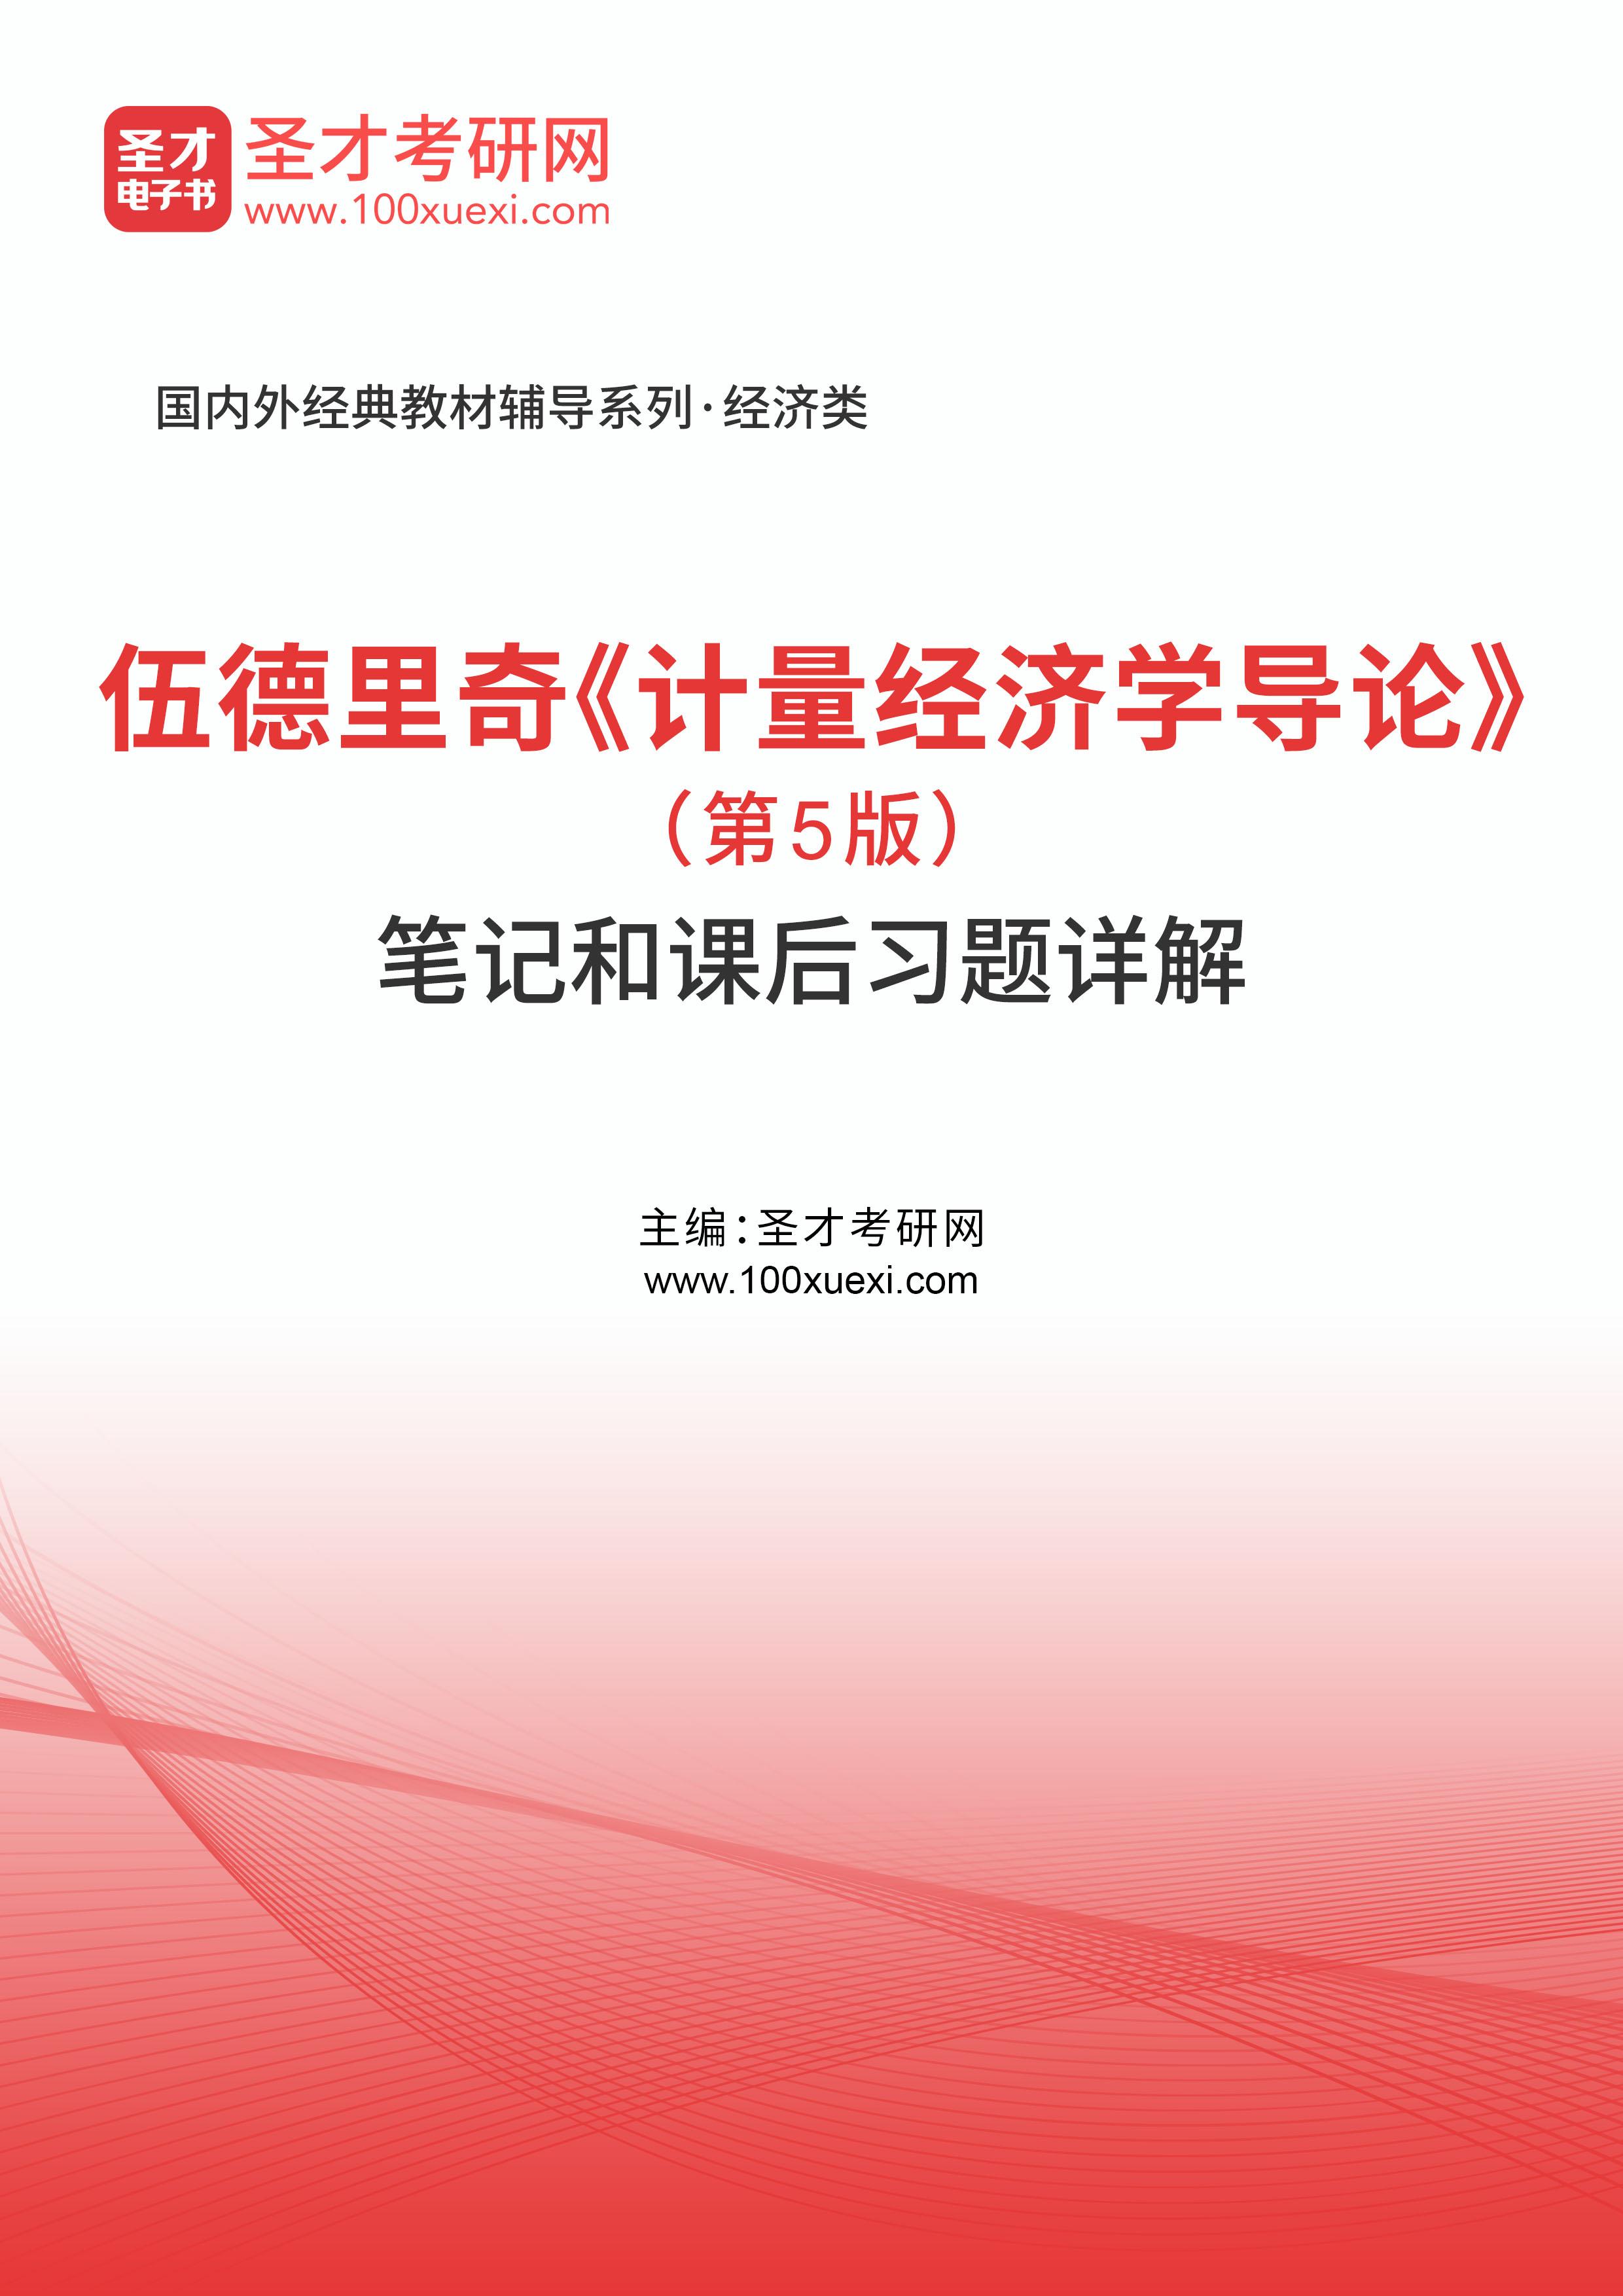 伍德里奇《计量经济学导论》(第5版)笔记和课后习题详解